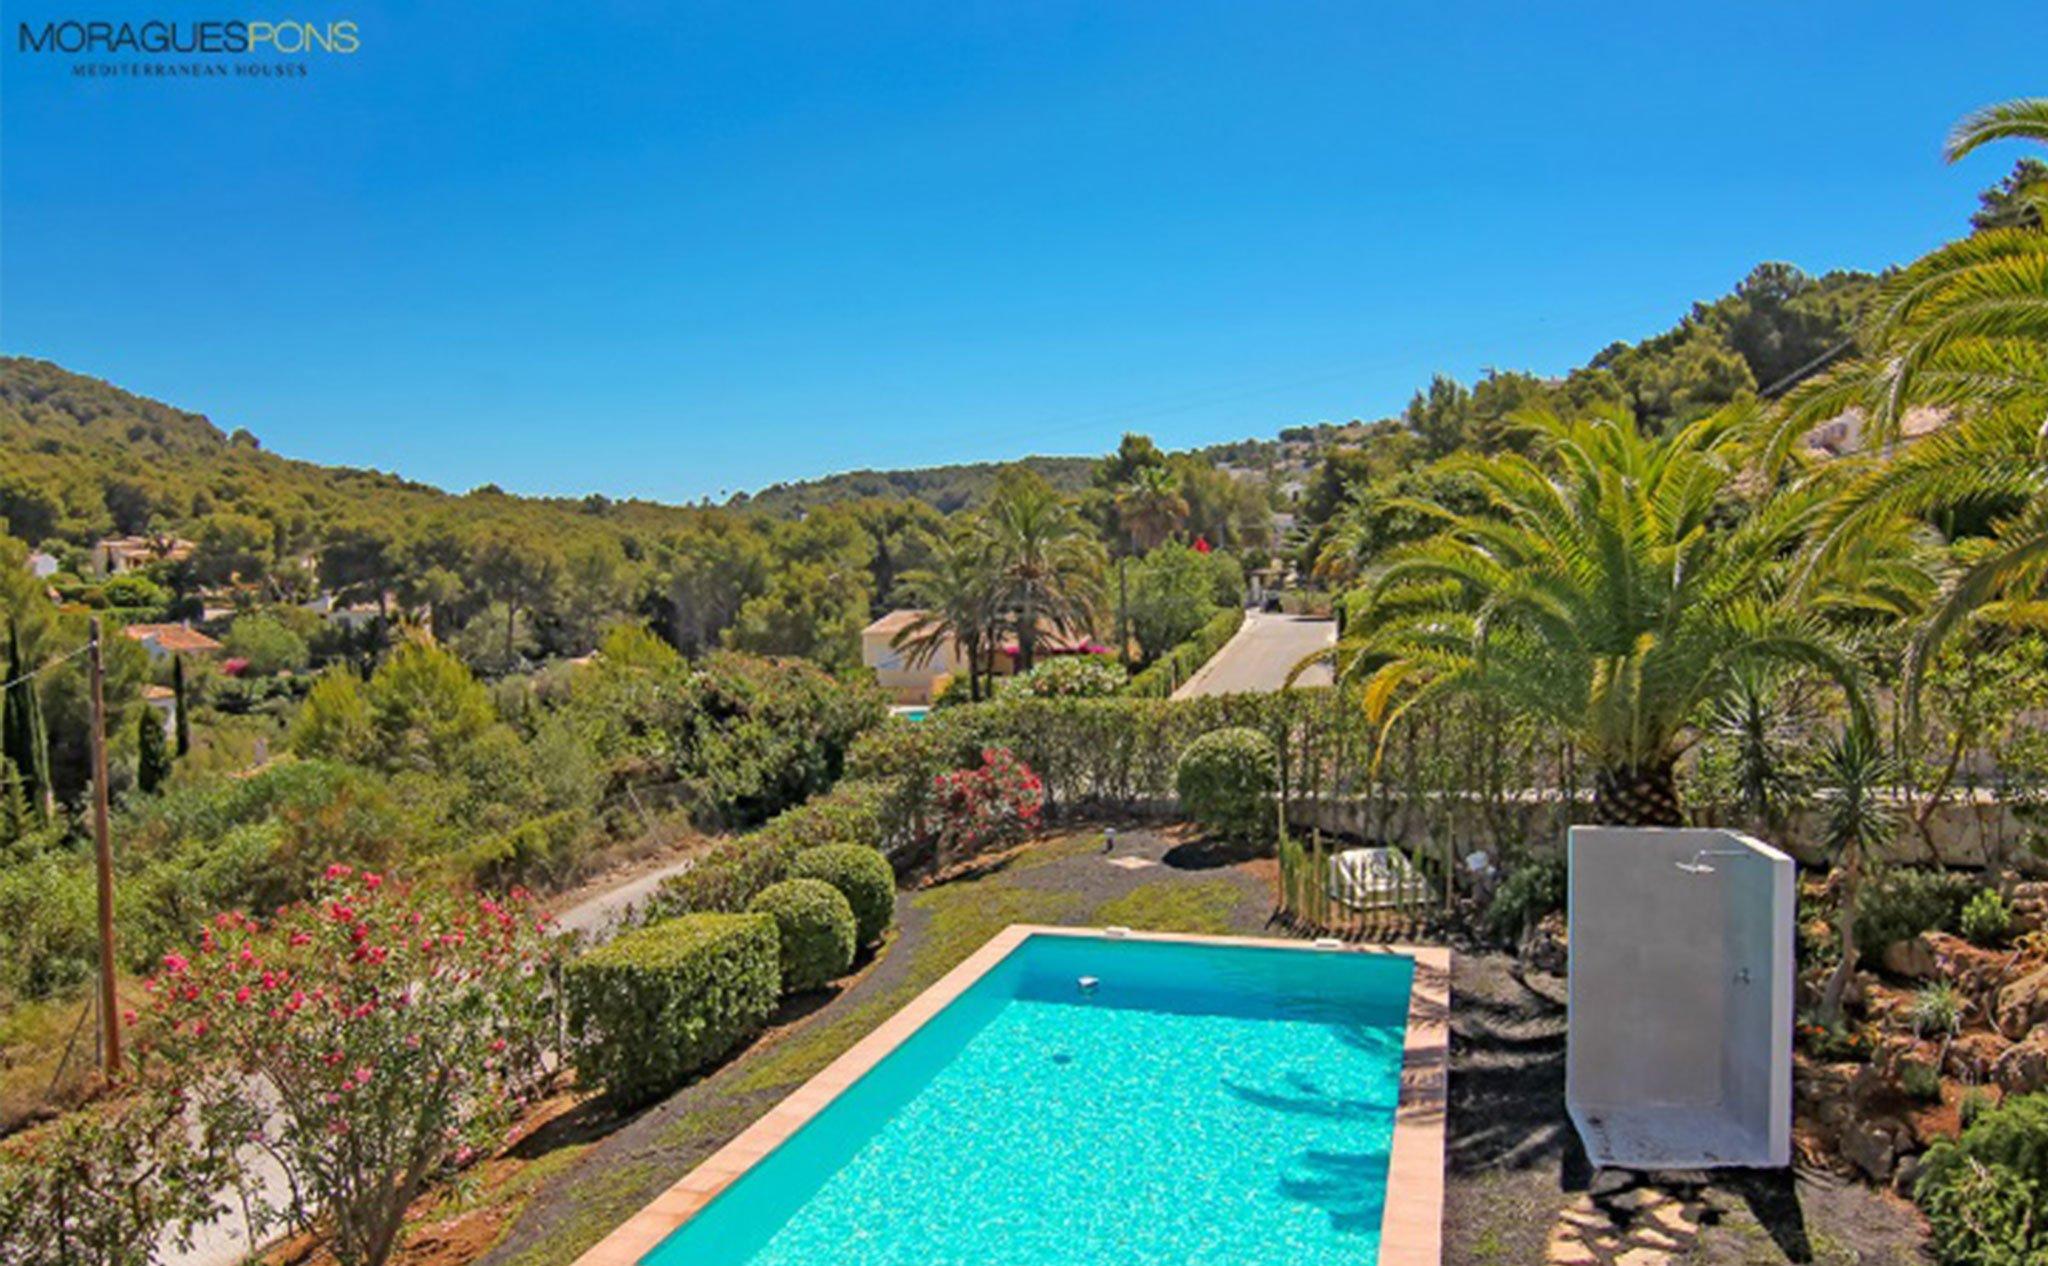 Piscina de una casa en venta o alquiler en Jávea – MORAGUESPONS Mediterranean Houses